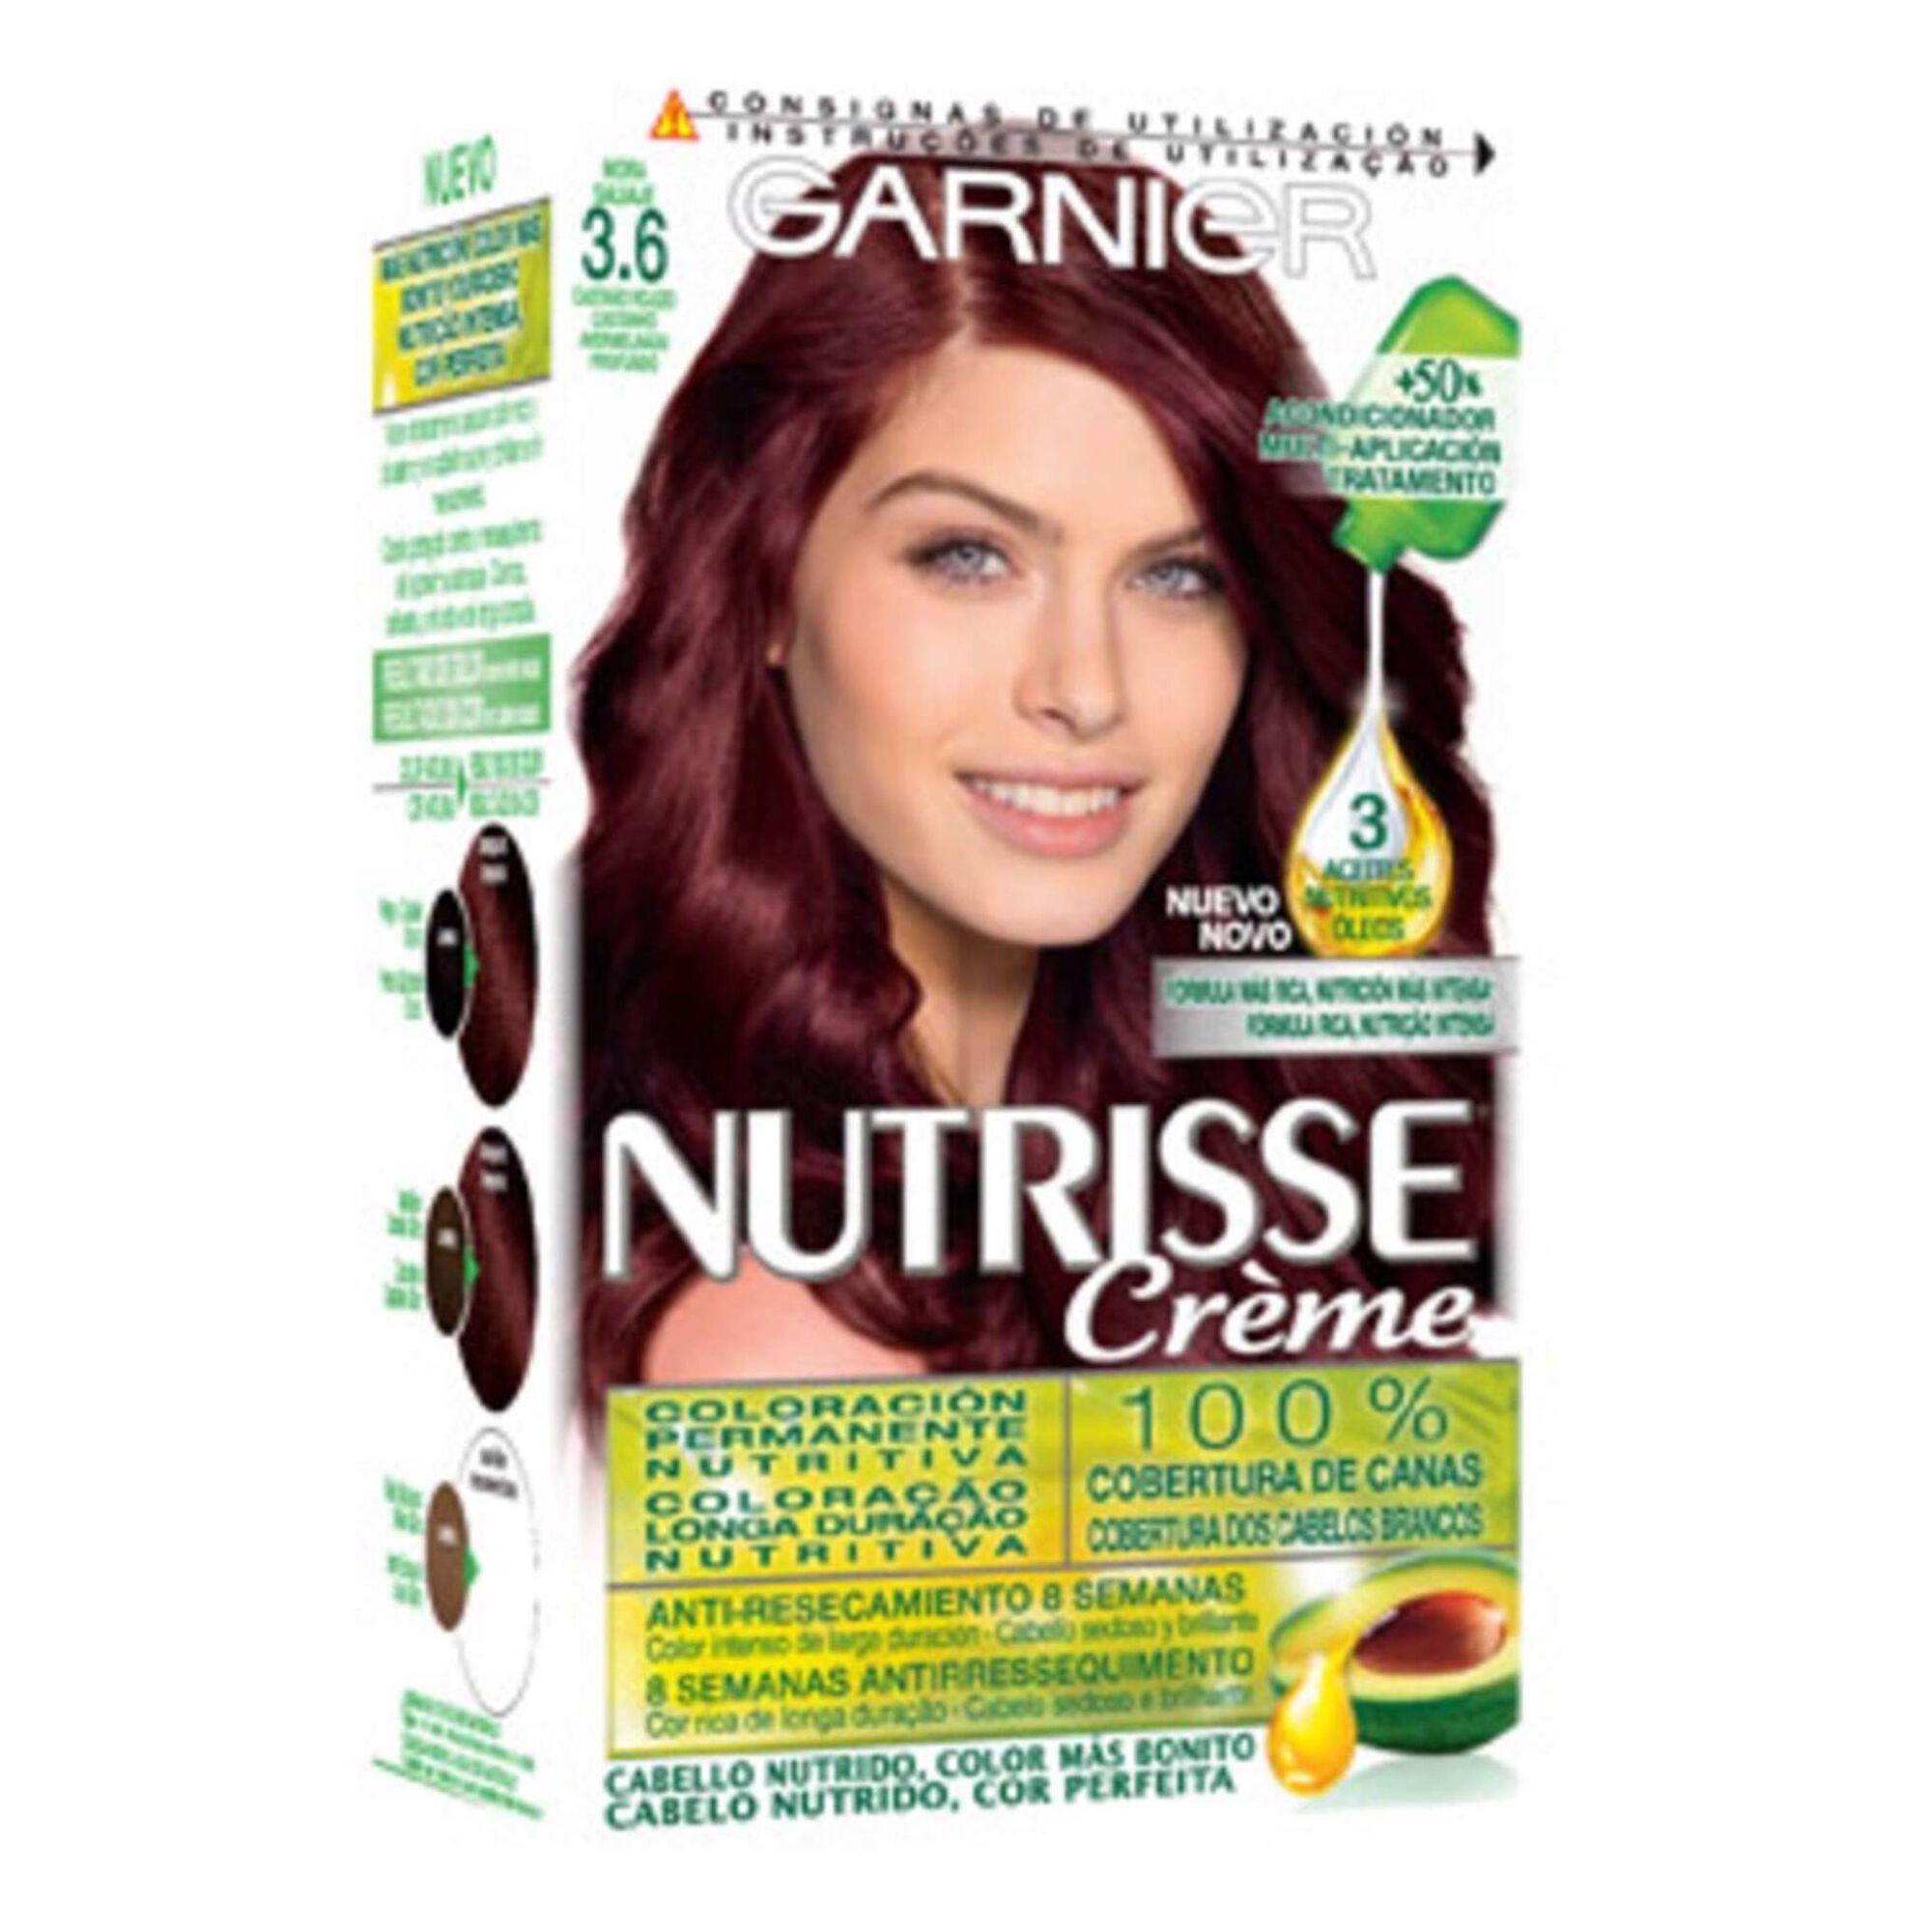 Coloração Permanente Nutrisse Creme Castanho Avermelhado Profundo 3.6